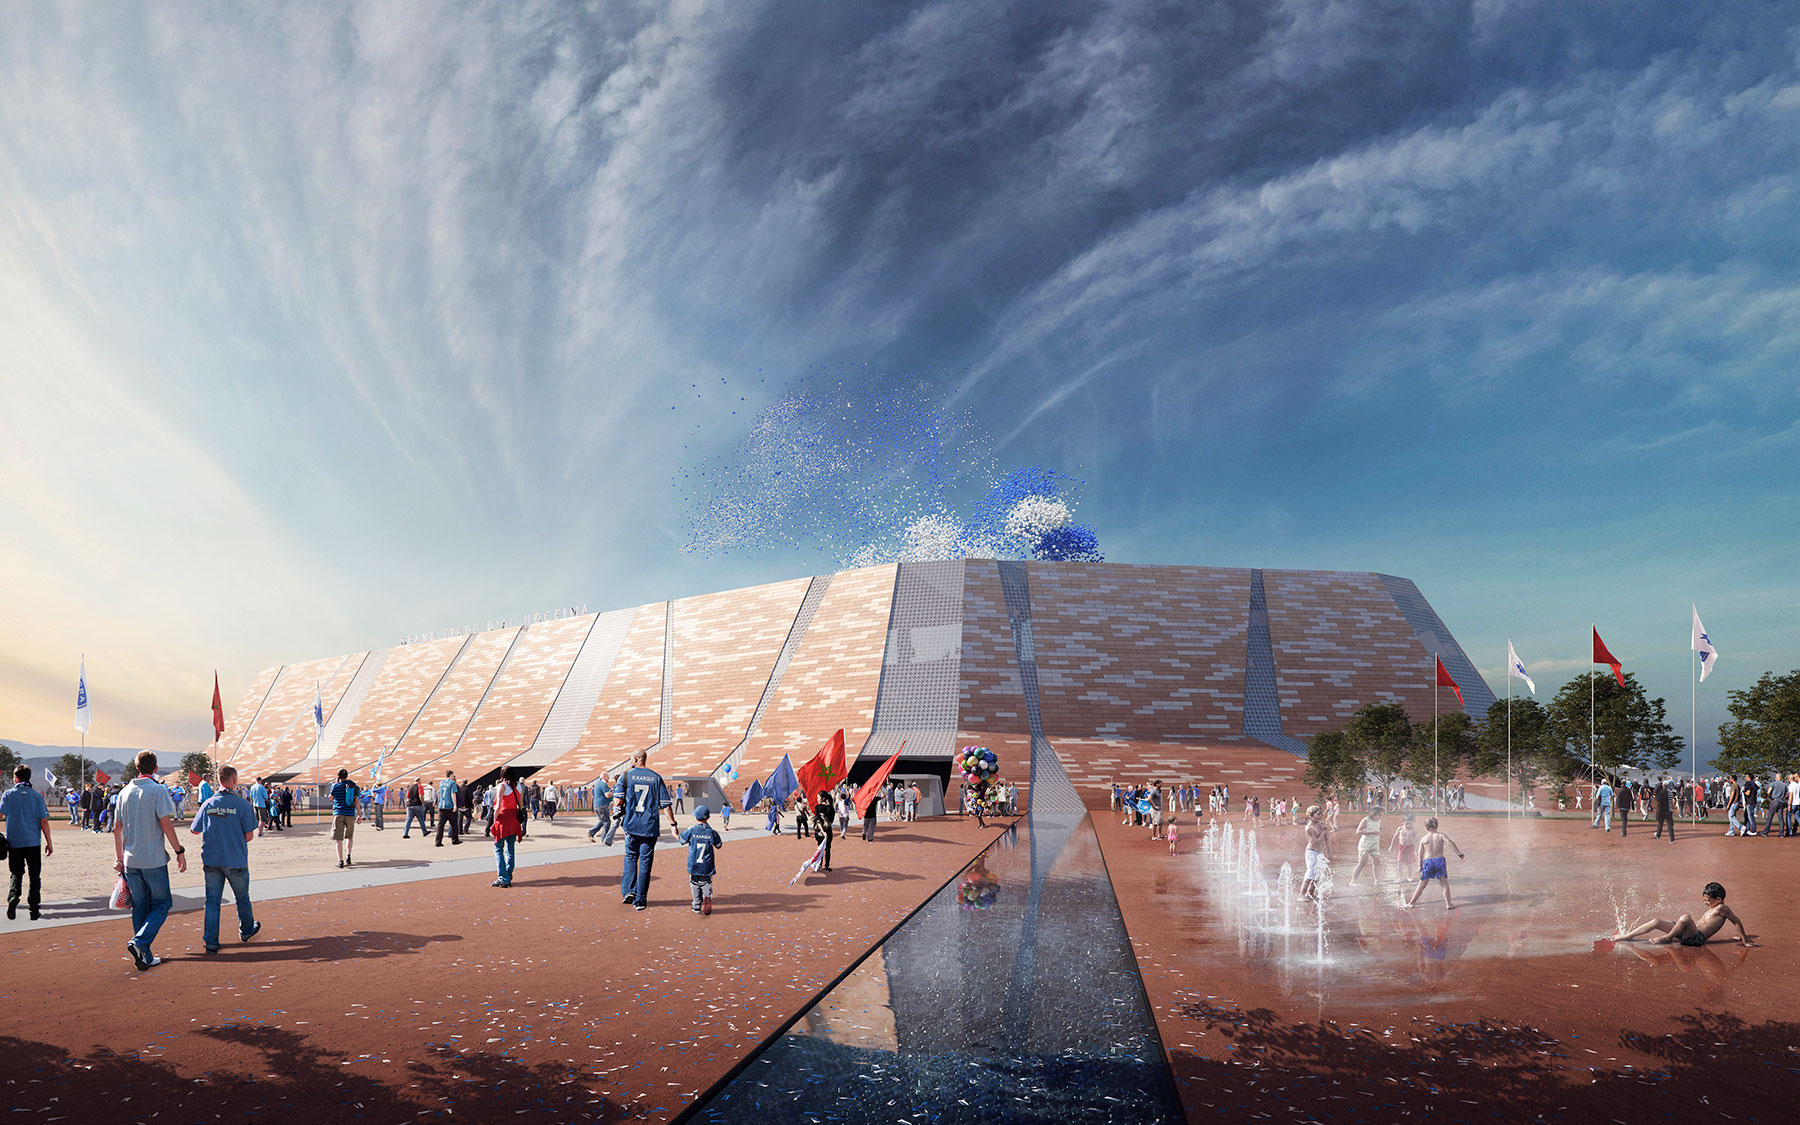 3D Architecture Stadium exterior rendering image